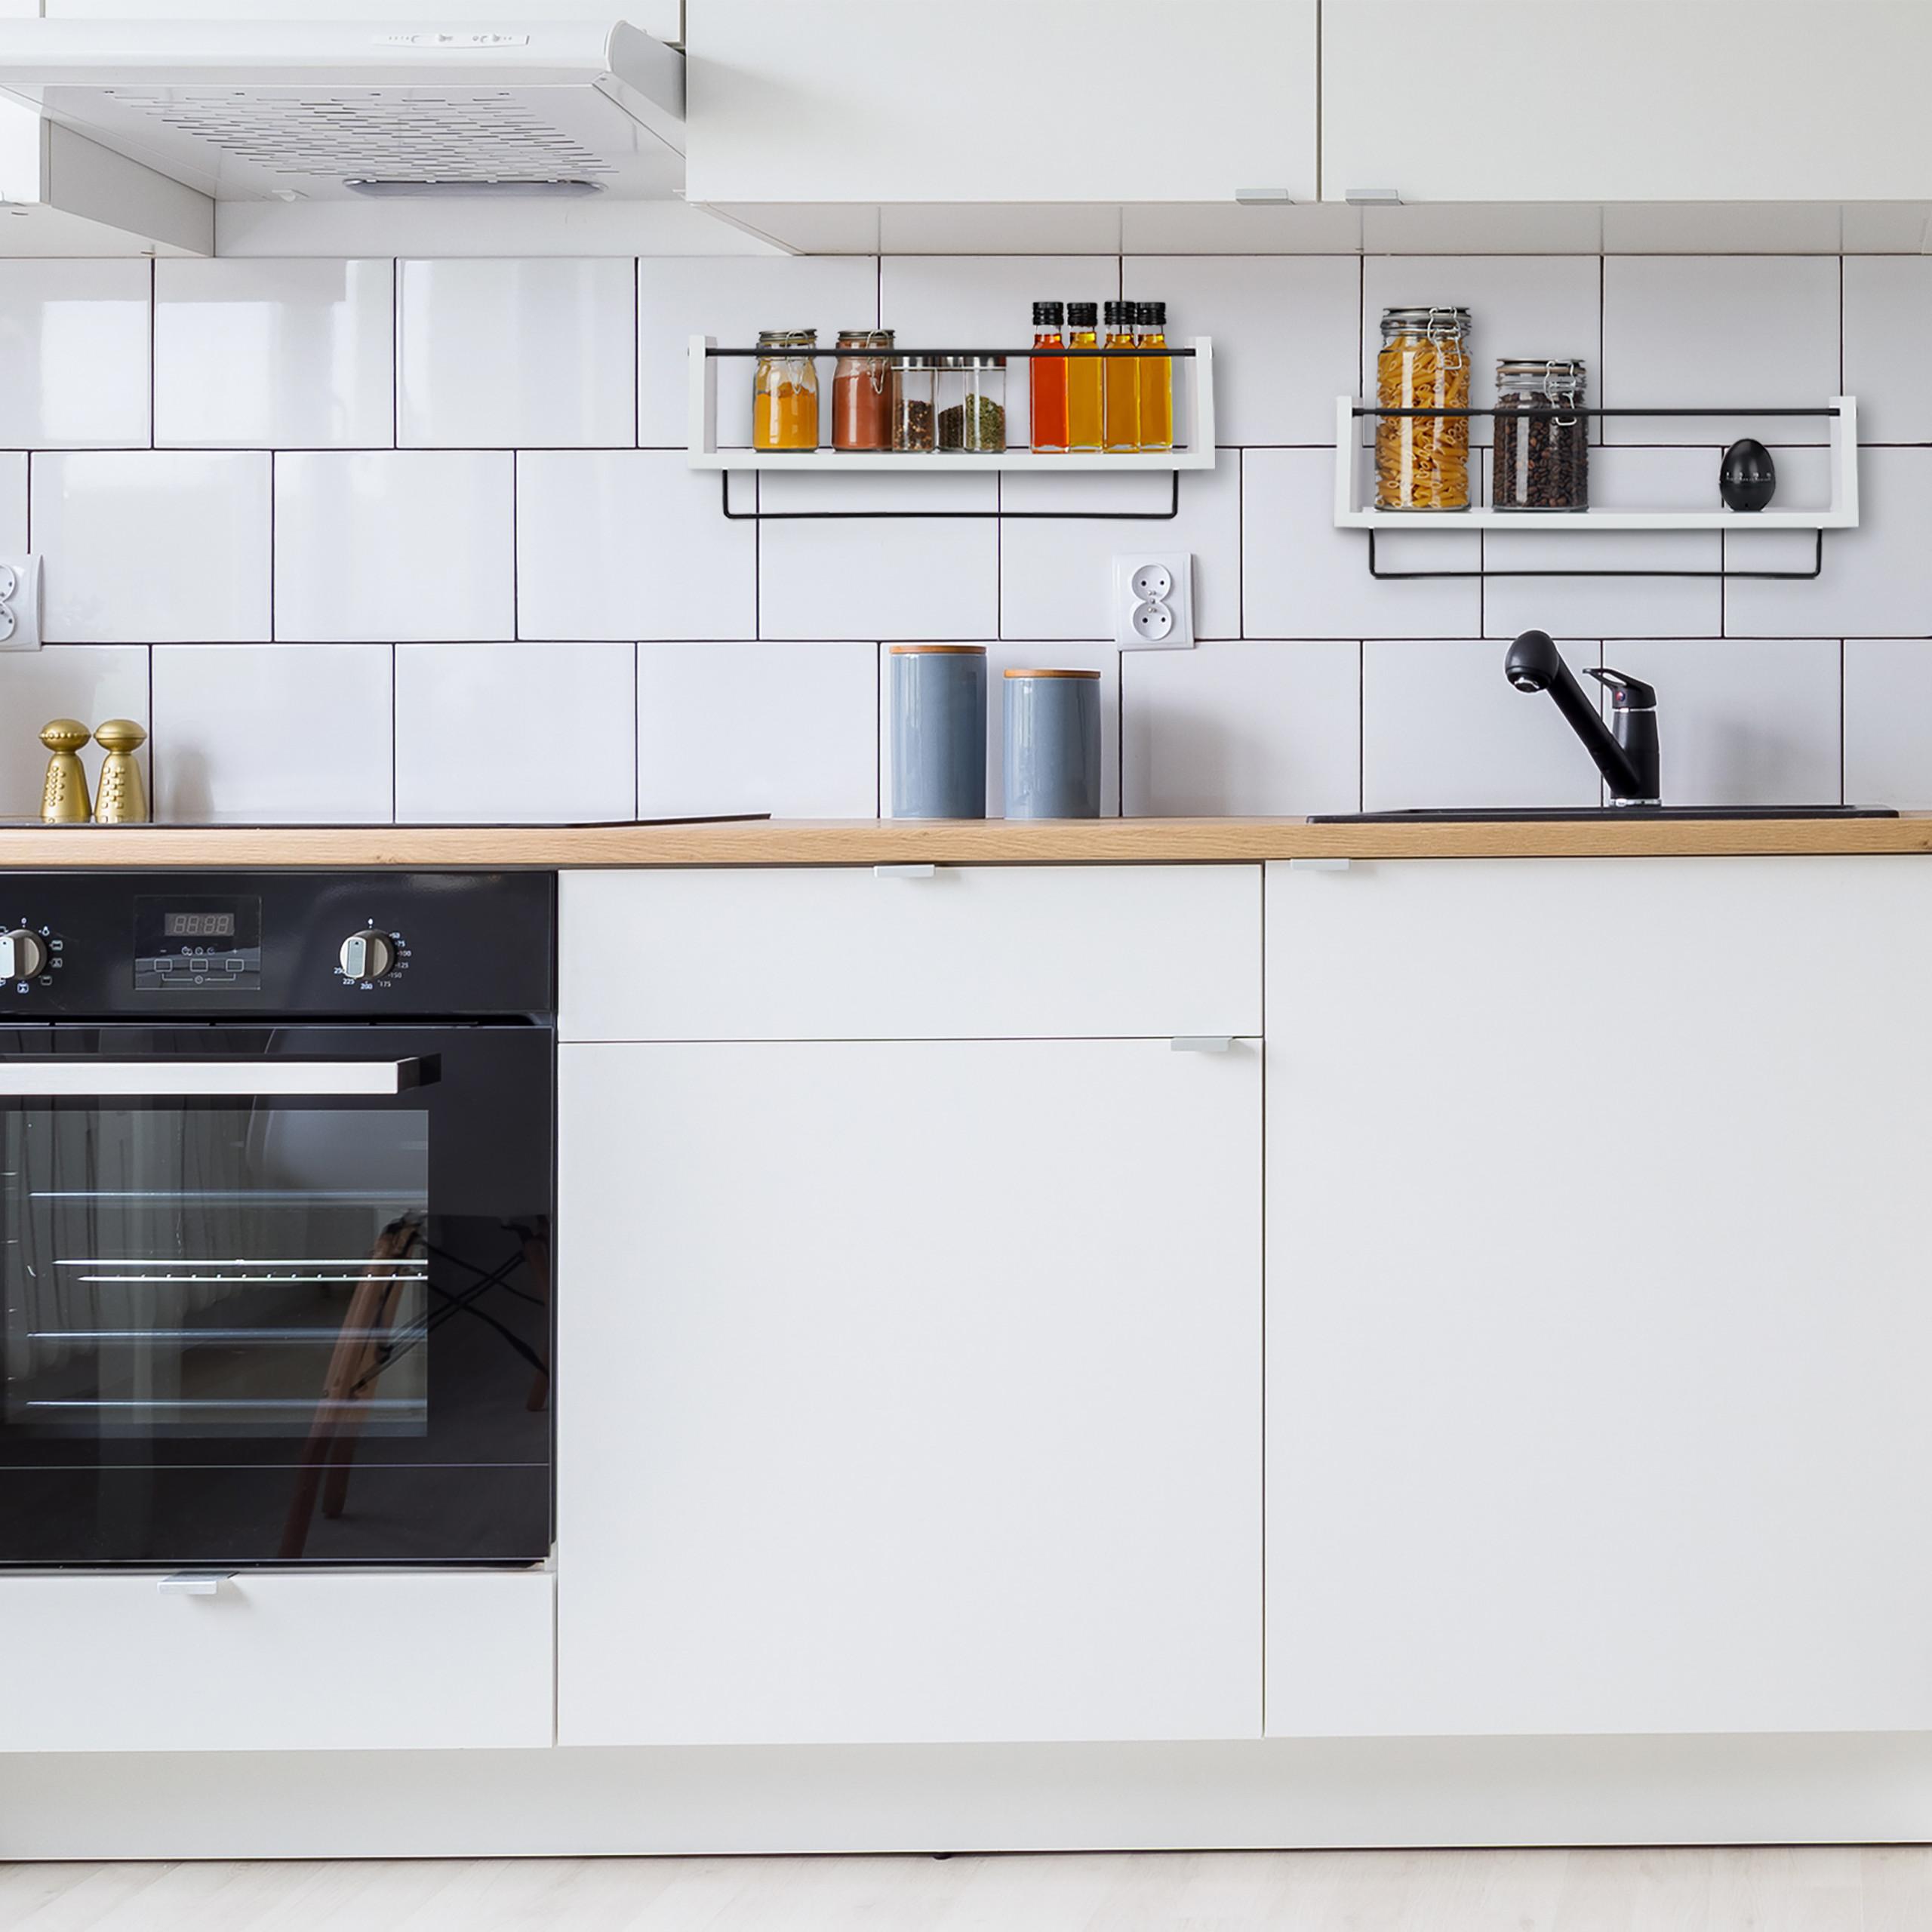 Wandregal Küche im 18er Set Weiß Hängeregal Küchenregal Wandboard